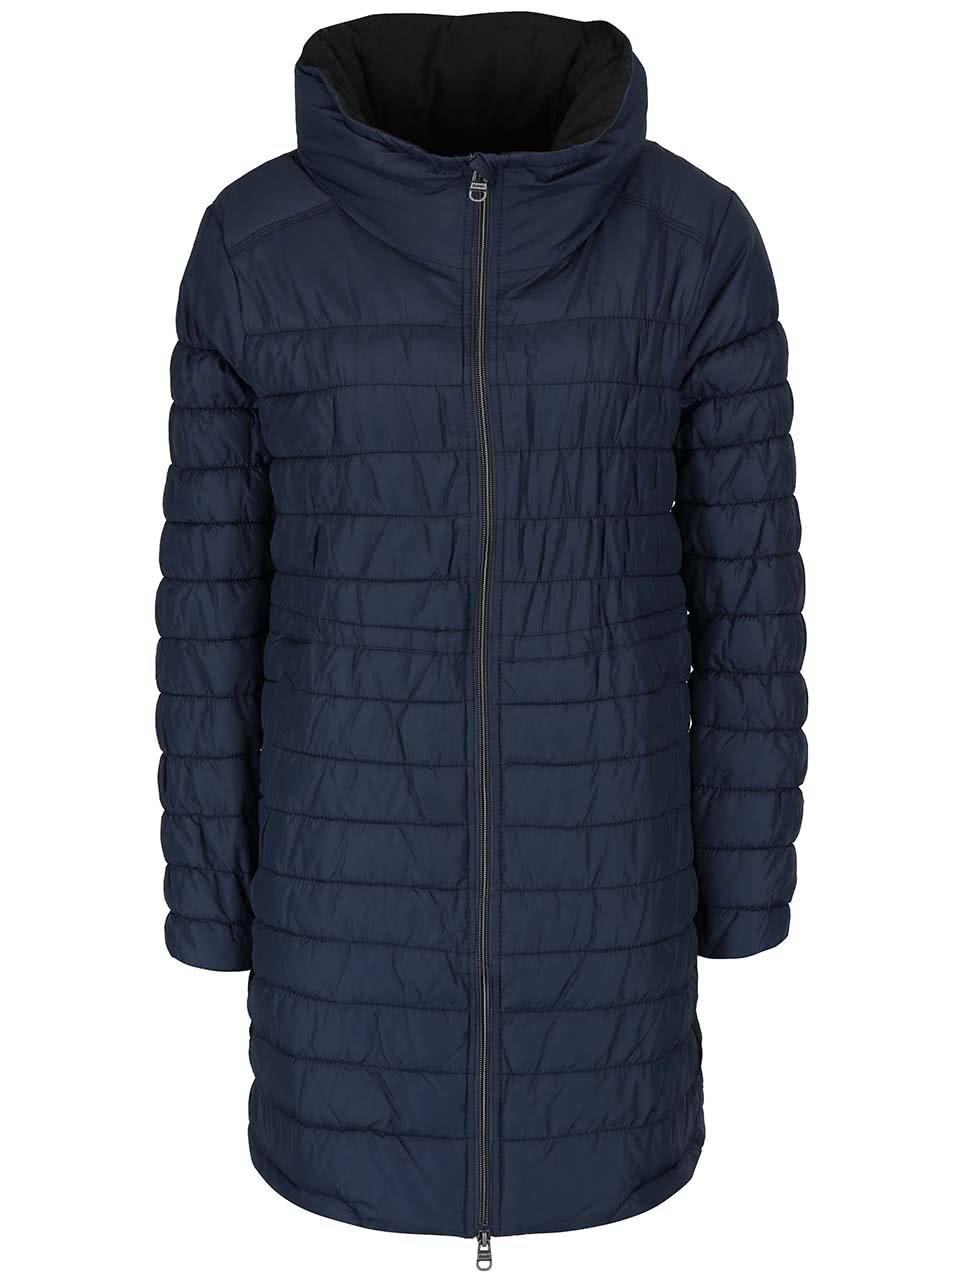 Tmavě modrý dámský prošívaný kabát Bench Succinct